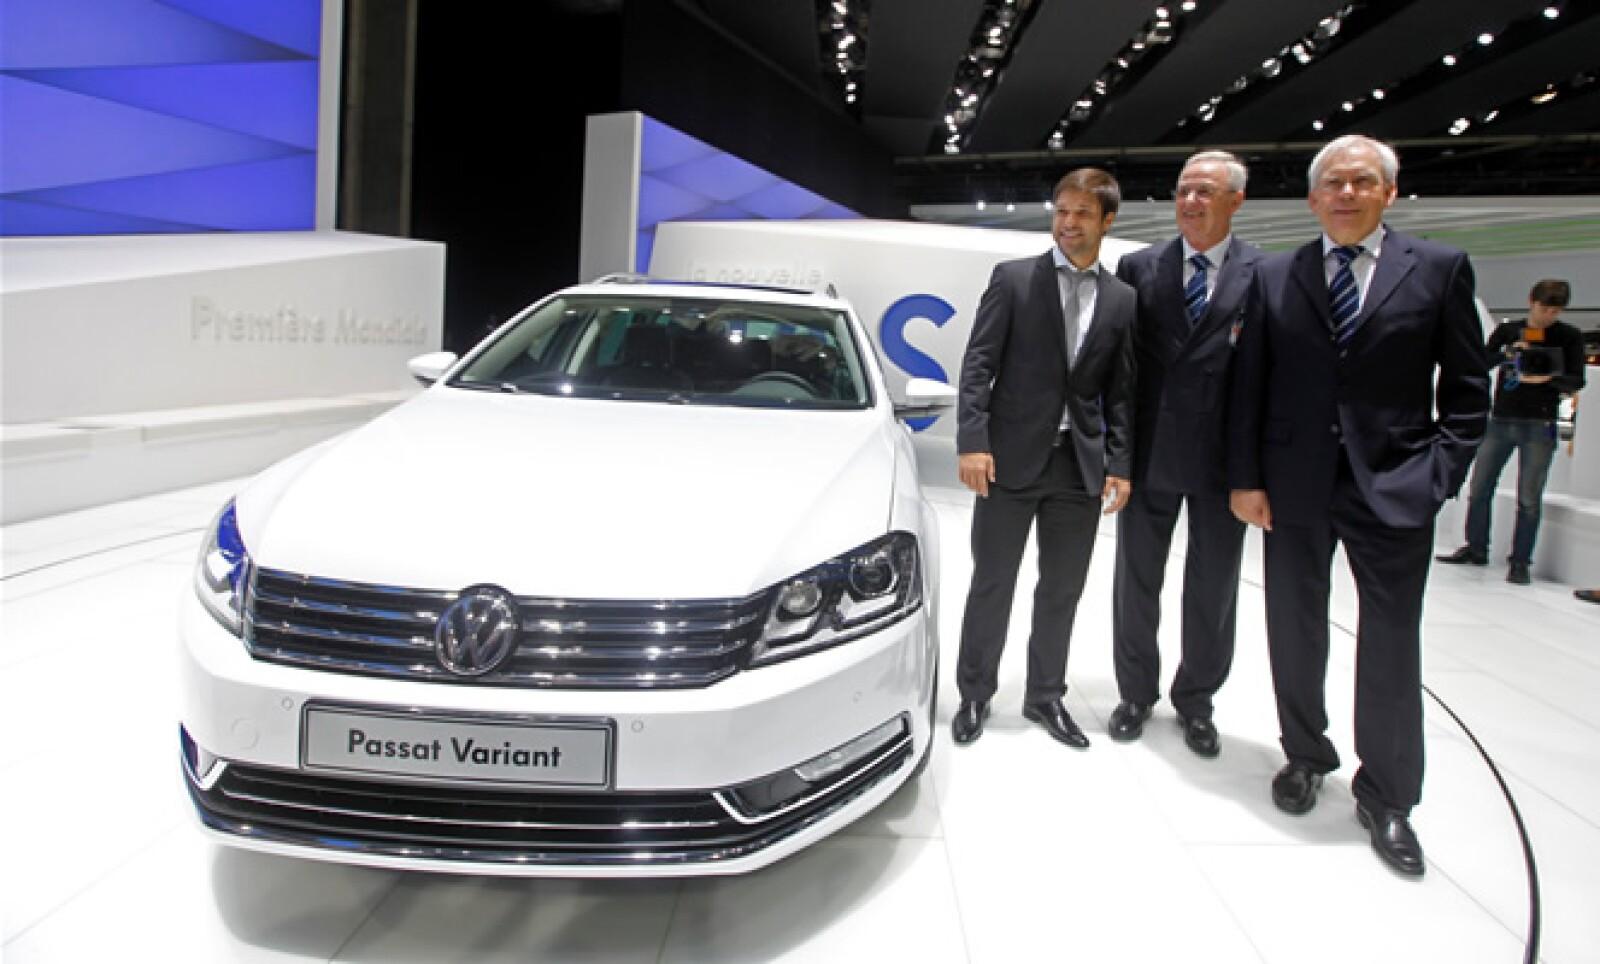 El presidente Volkswagen Martin Winterkorn (centro) posa junto a otros dos directivos de la firma automotriz, junto a esta nueva edición, la cual se ha centrado en actualizar profundamente el apartado estético.